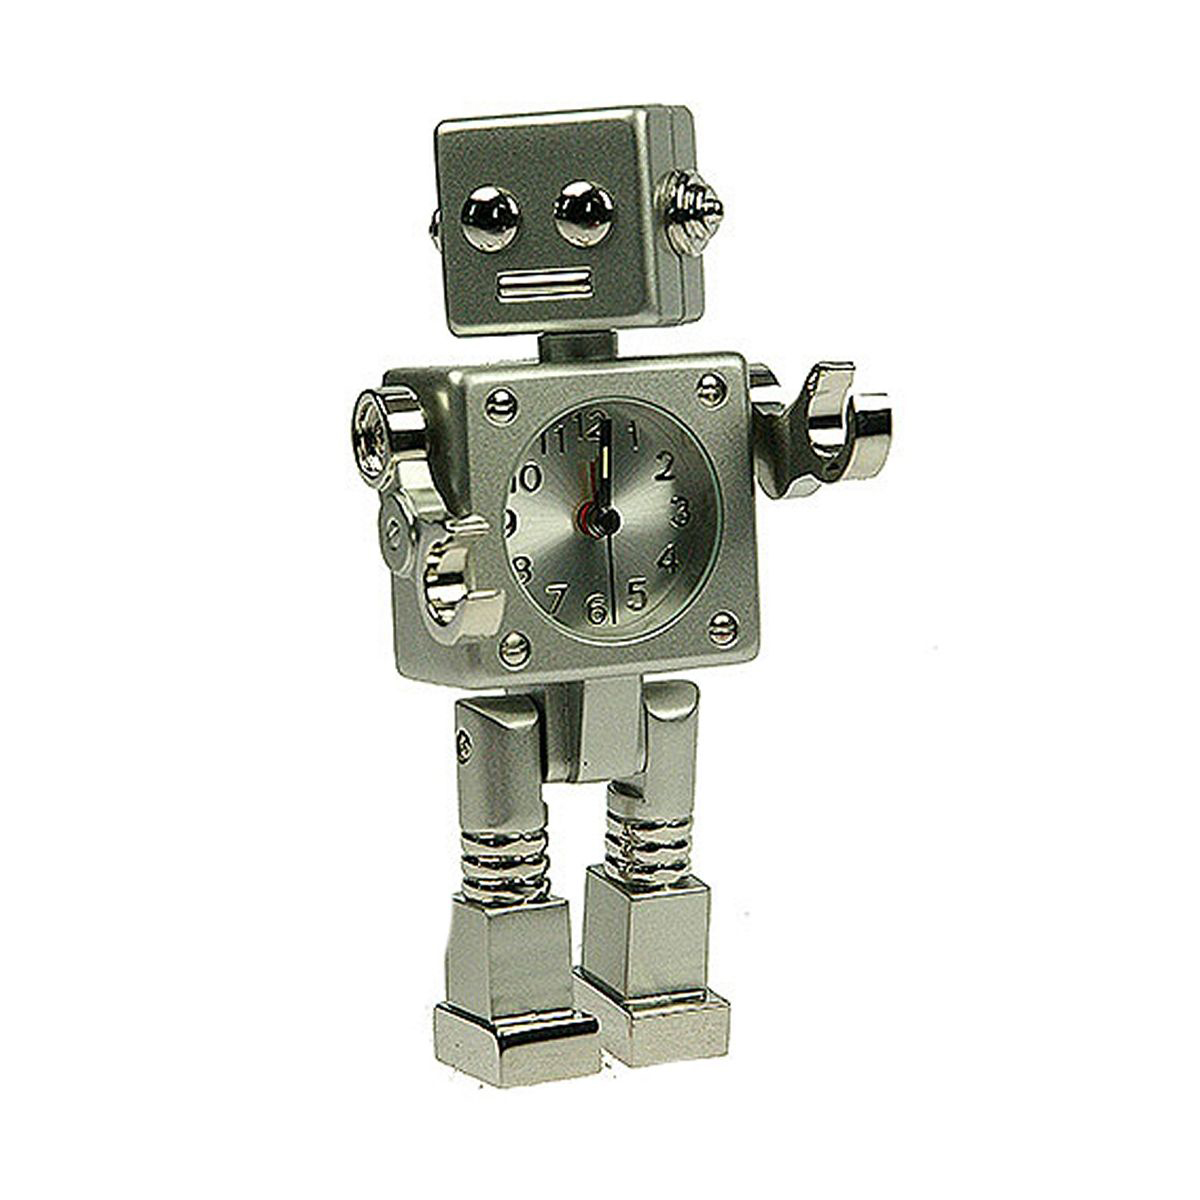 Часы настольные Русские Подарки Робот. 2243254 009303Настольные кварцевые часы Русские Подарки Робот изготовлены из металла. Изделие оригинально оформлено в виде робота. Часы имеют три стрелки - часовую, минутную и секундную.Такие часы украсят интерьер дома или рабочий стол в офисе. Также часы могут стать уникальным, полезным подарком для родственников, коллег, знакомых и близких.Часы работают от батареек типа SR626 (в комплект не входят).